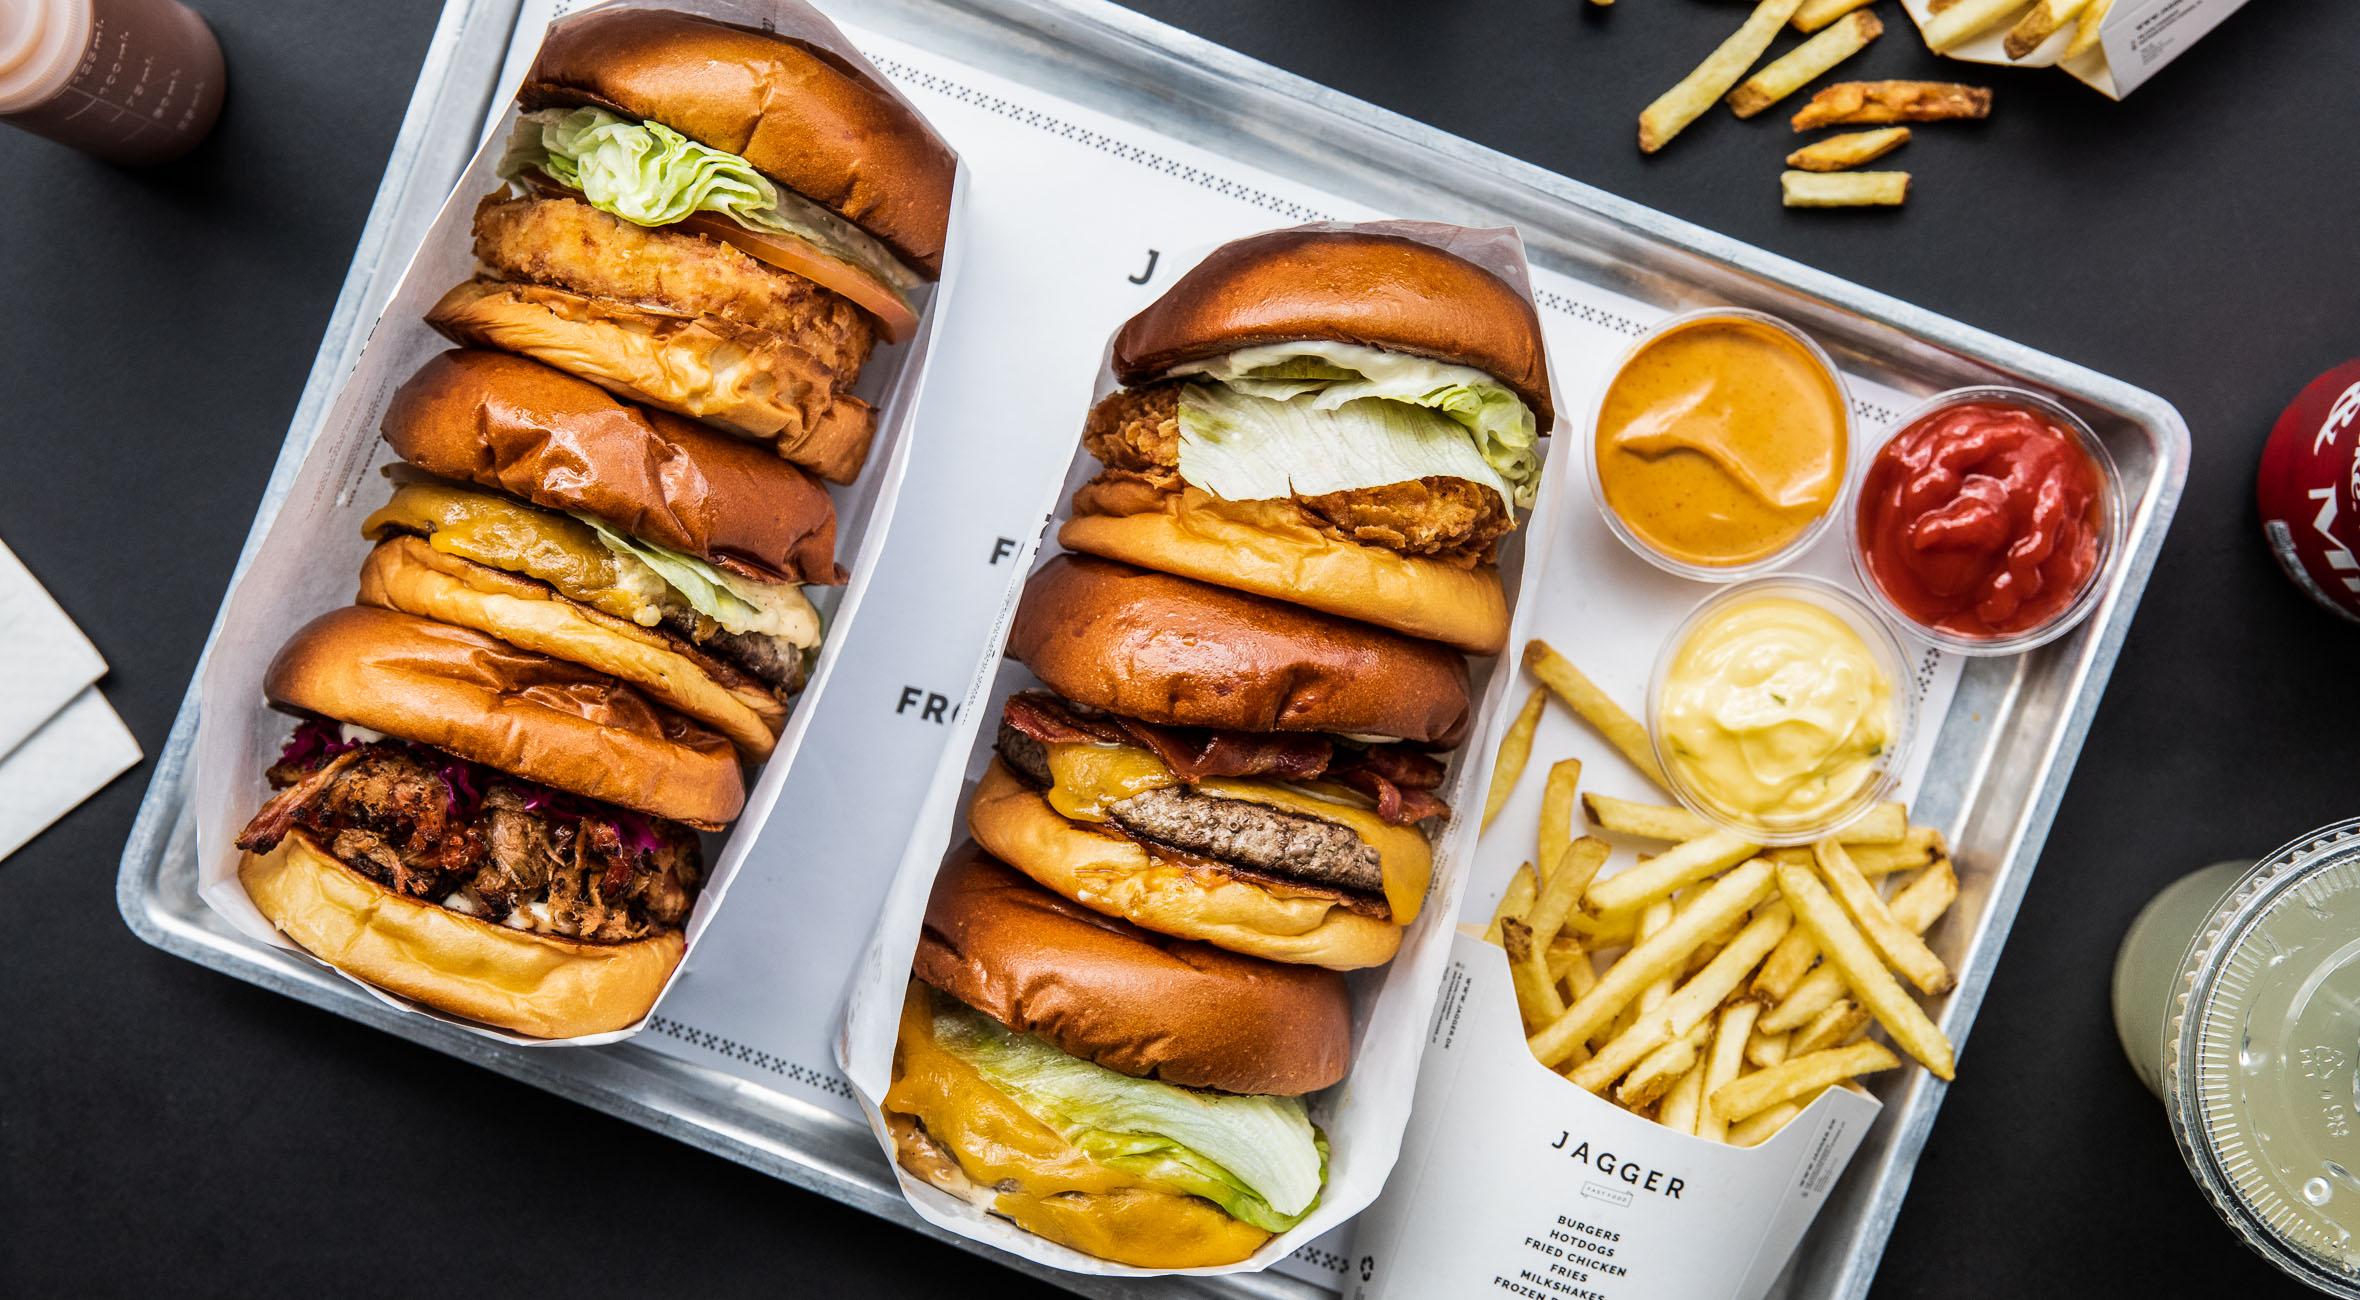 2 burgermenuer + 6 real nuggets hos Jagger på Christianshavn – Populær burgerbar har åbnet endnu en location